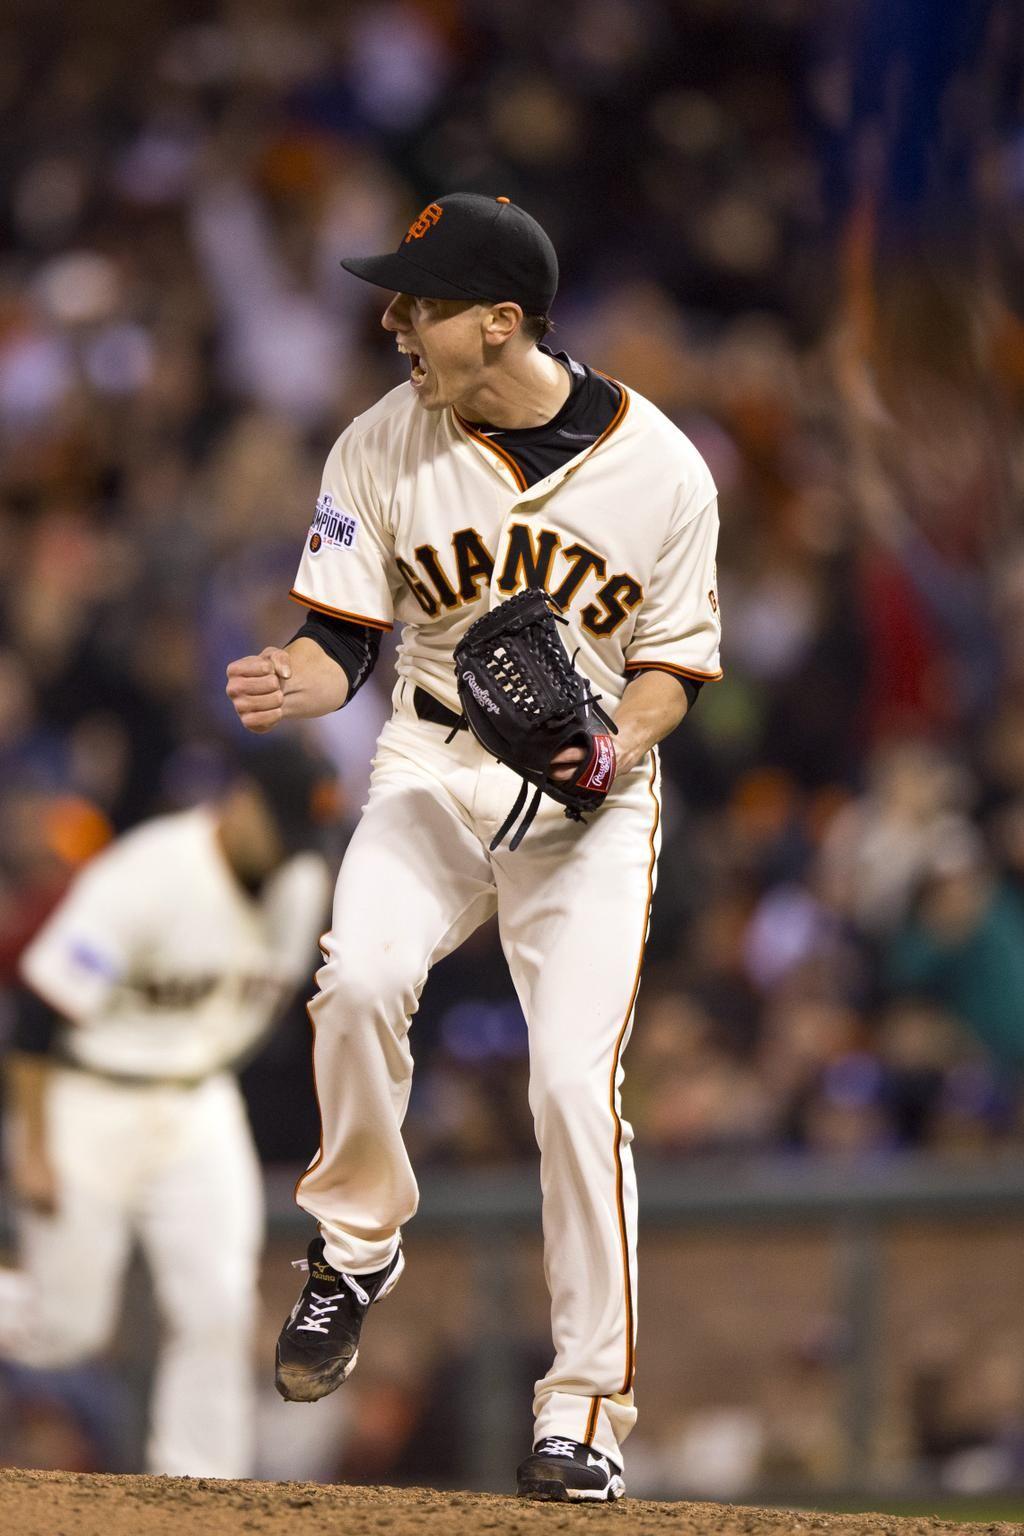 SFGiants on San francisco giants, Giants baseball